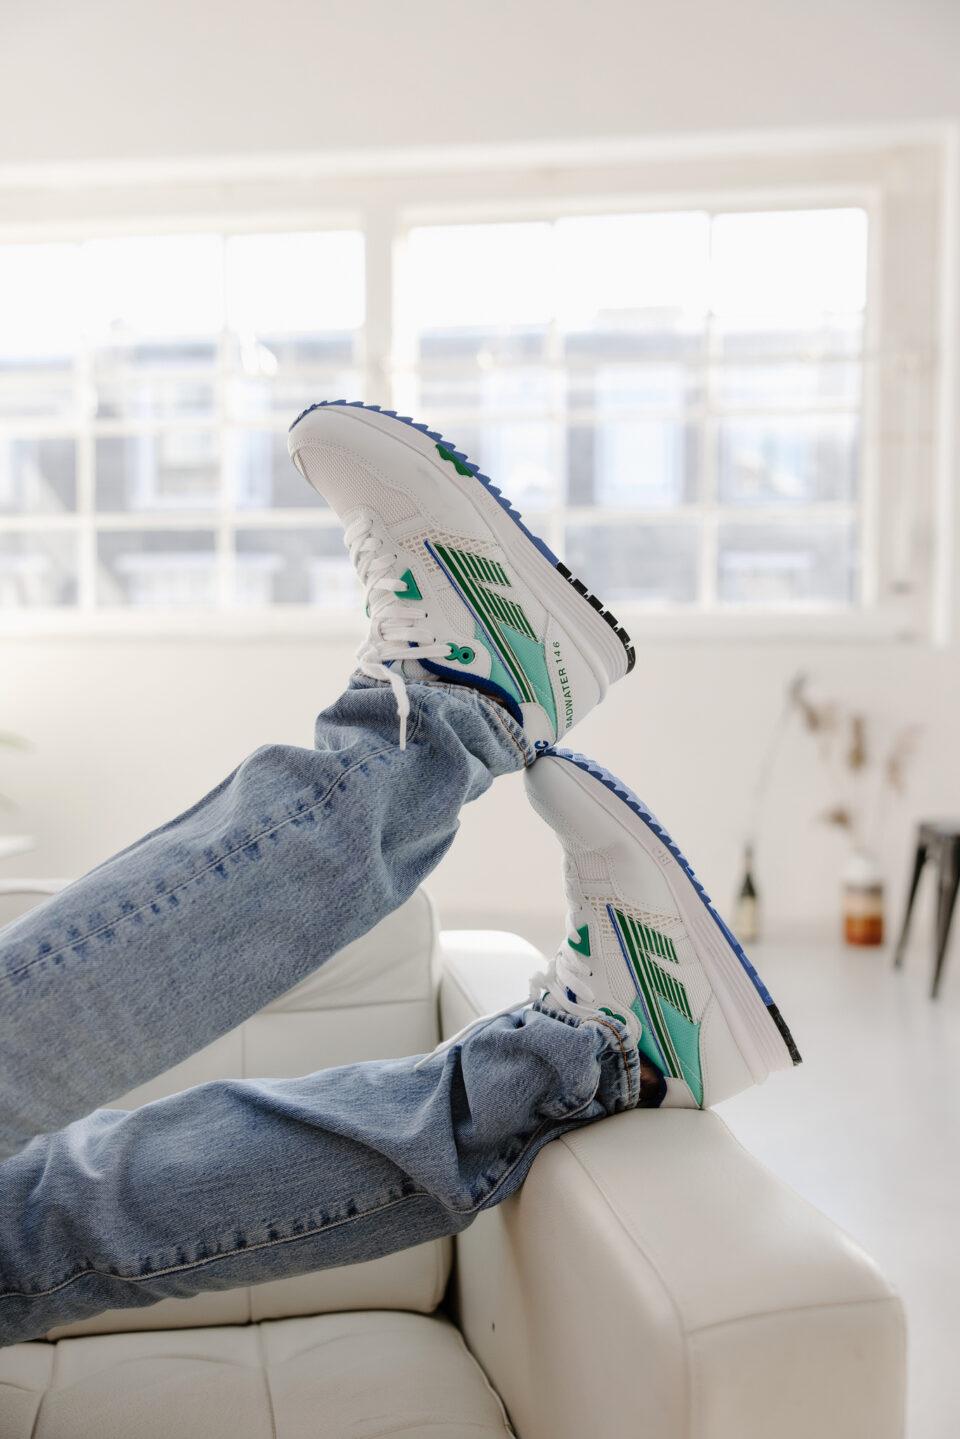 twee benen in een jeans met hi-tec schoenen op de rand van een bank